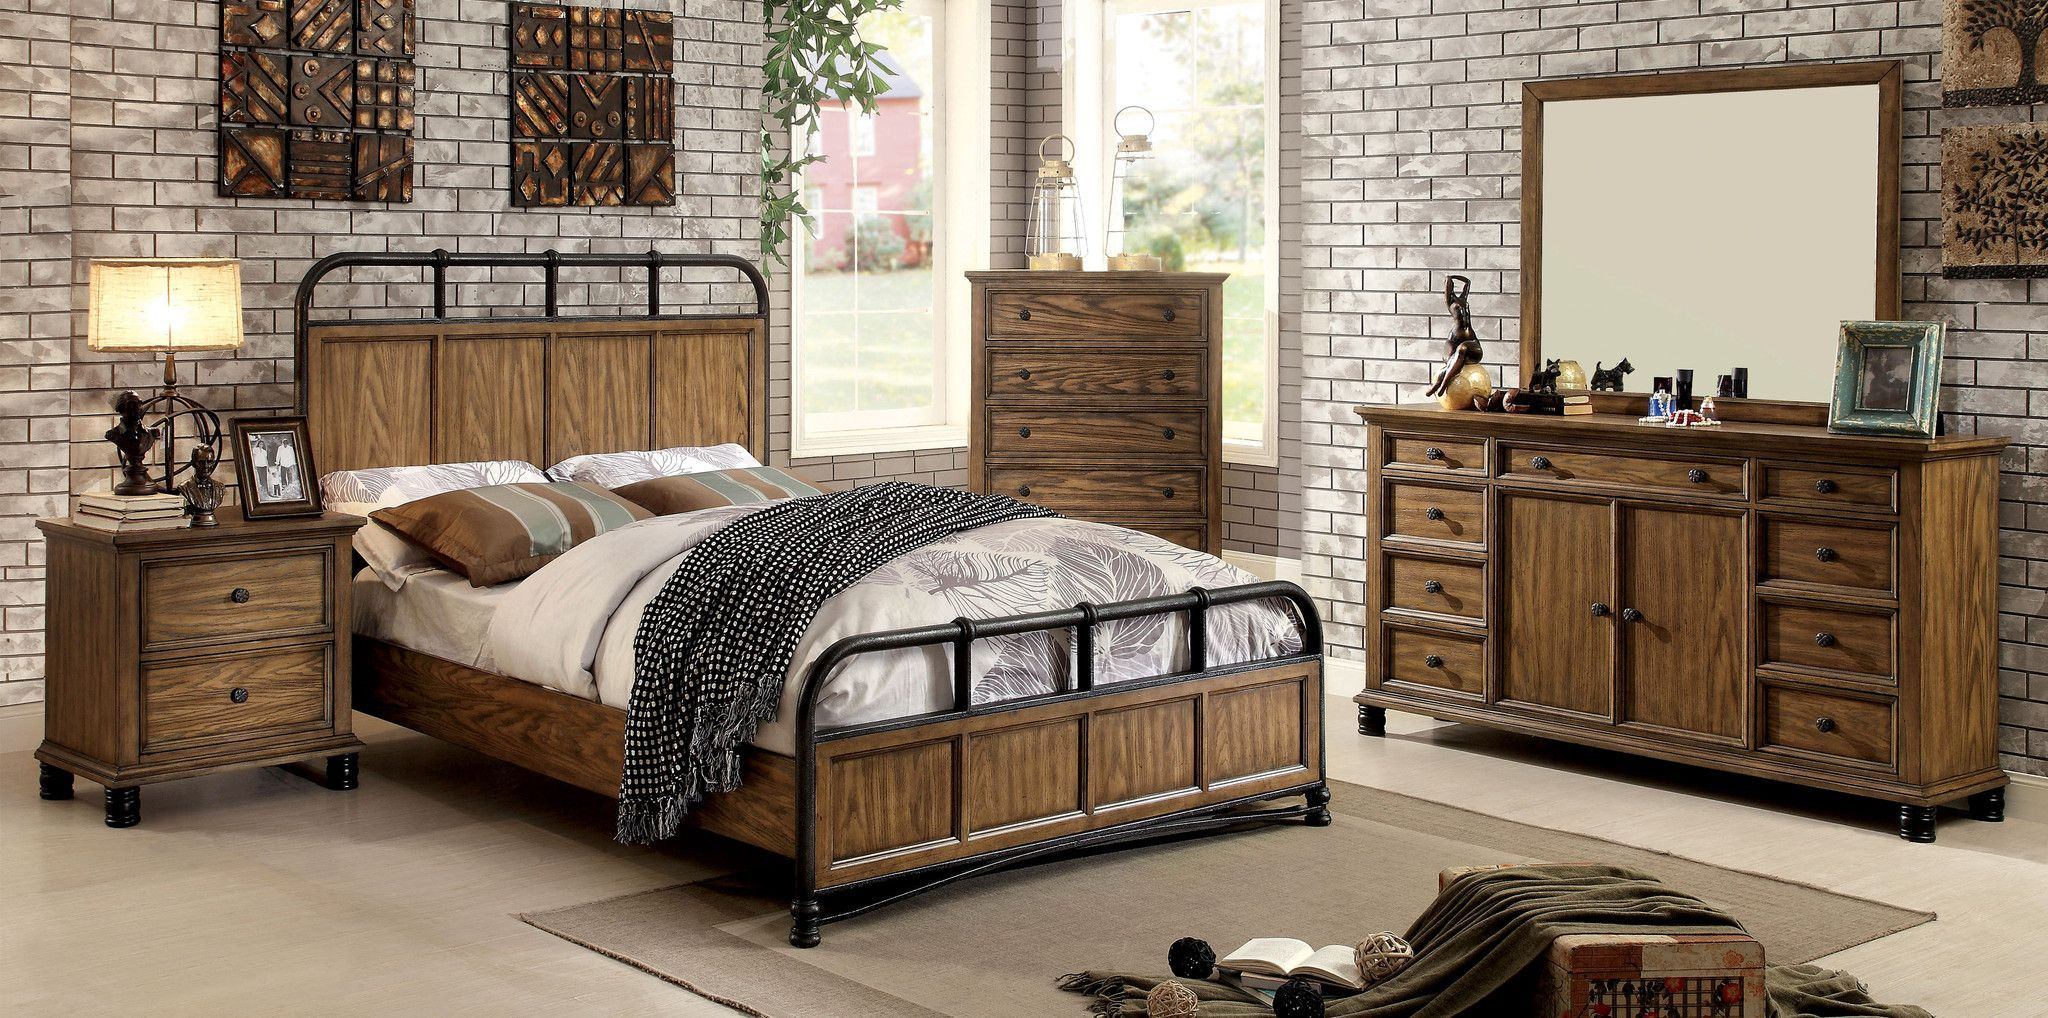 Merveilleux Mcville 4 Pcs Bedroom Sets   CM7558 Descriptions : A Trending Design,  Industrial Style Is The Latest In Fabulous Decorating Ideas!